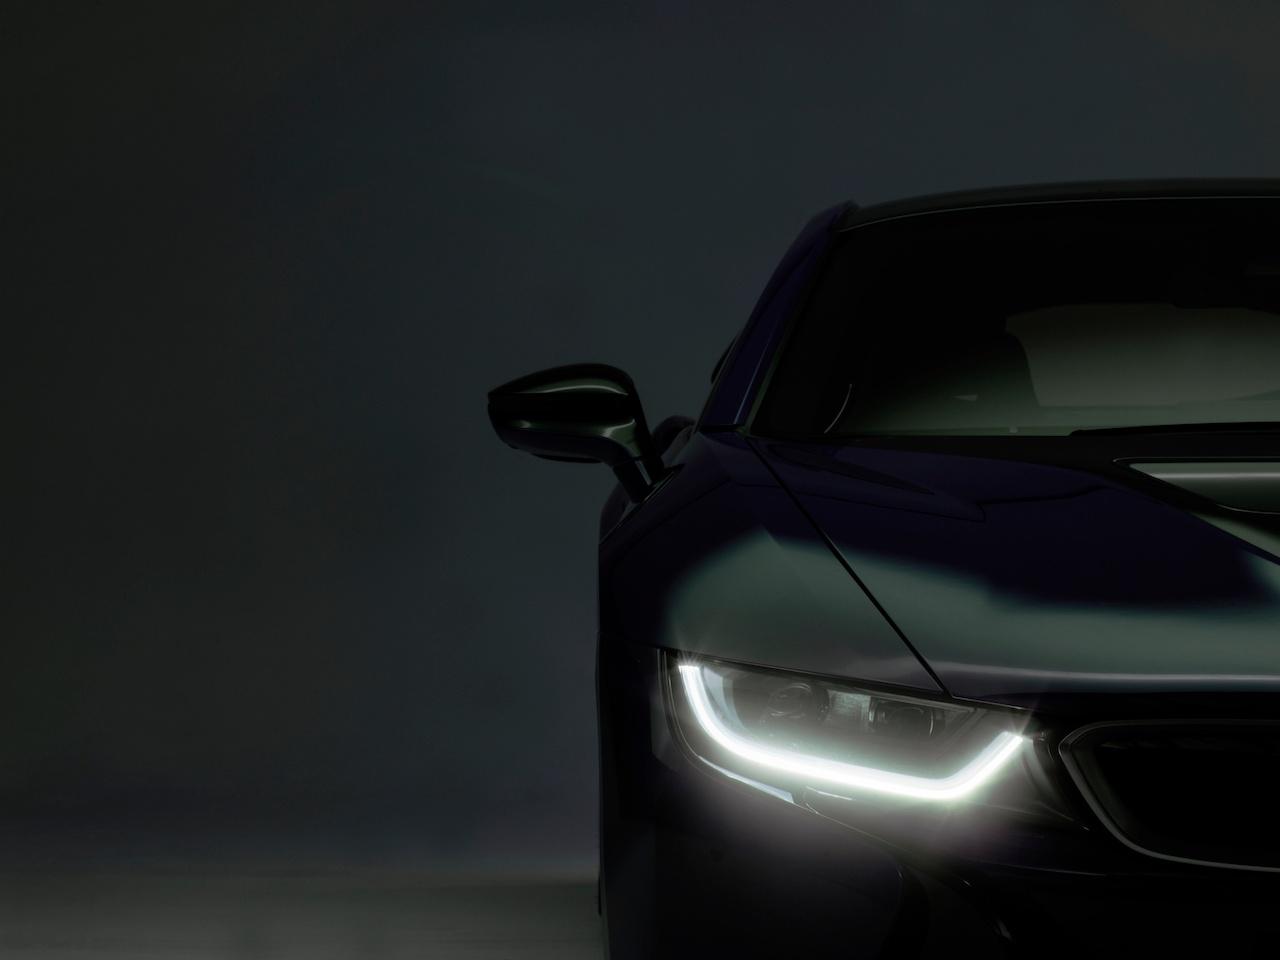 virta_cars-10166b.jpg